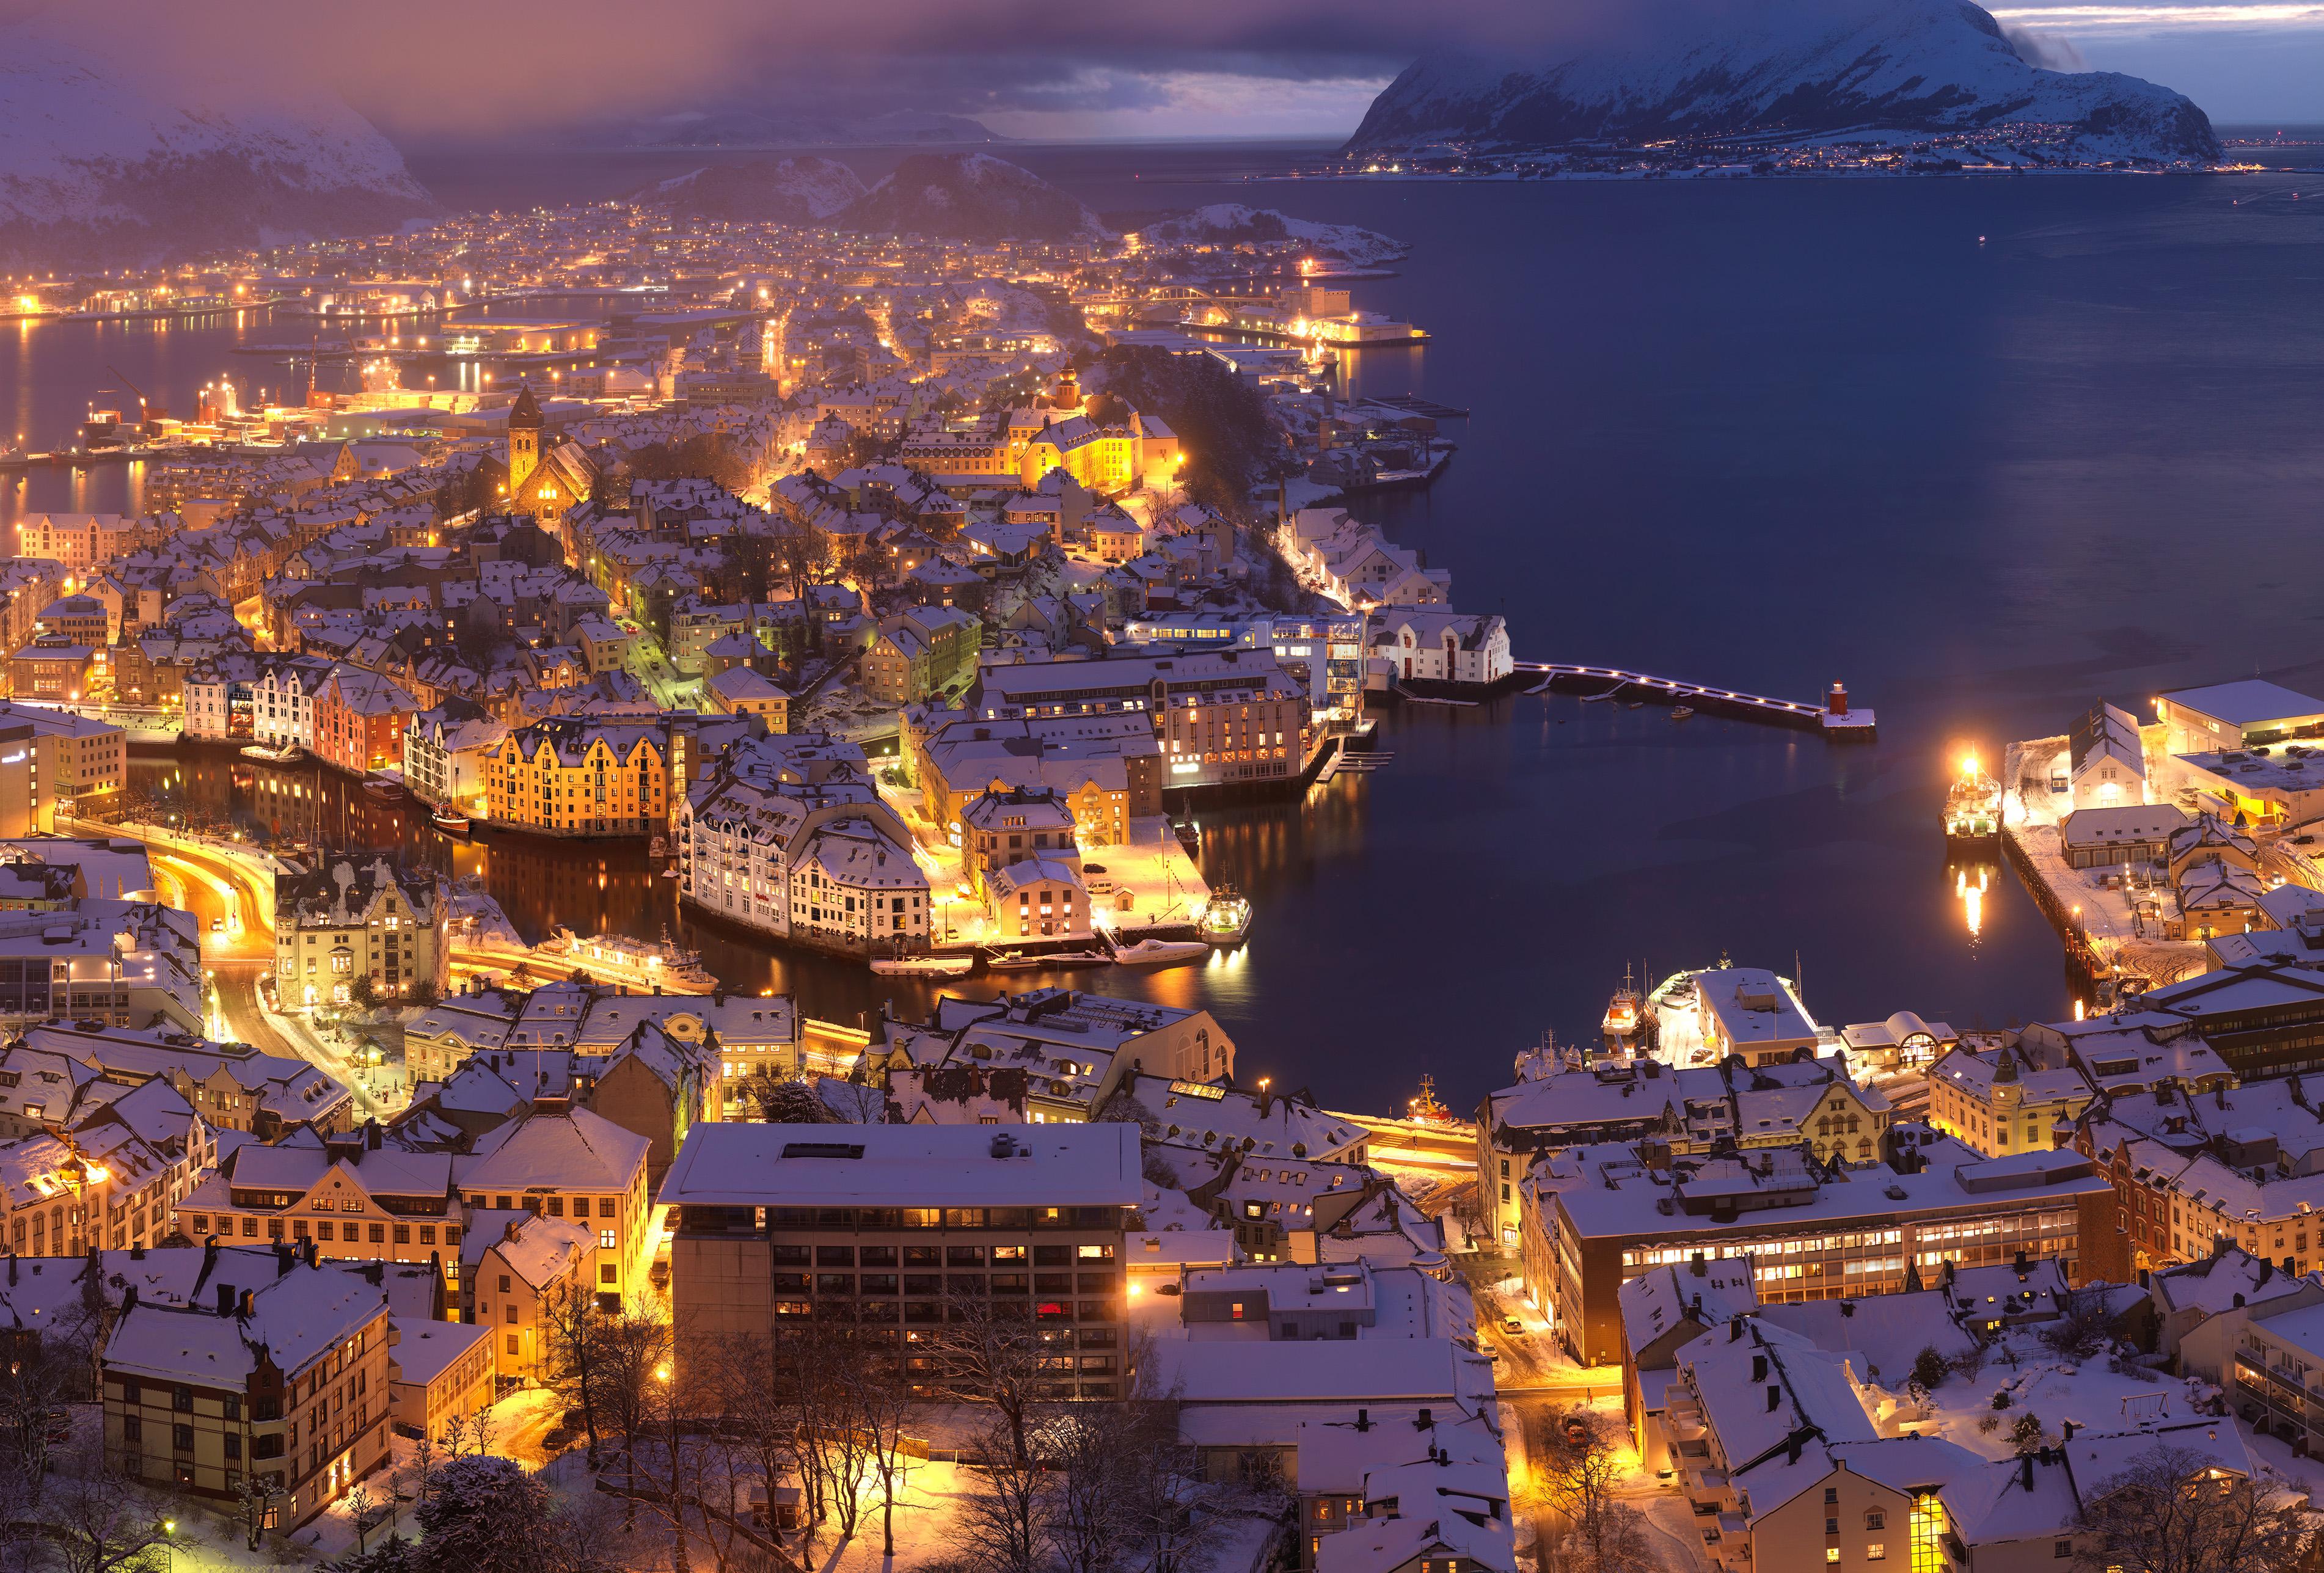 Hvis hver kWh vi produserer i stedet ble produsert ved <br />et kullkraftverk, ville CO2-utslippene tilsvare 6 millioner bilturer <br />fra Ålesund til Oslo og tilbake igjen!